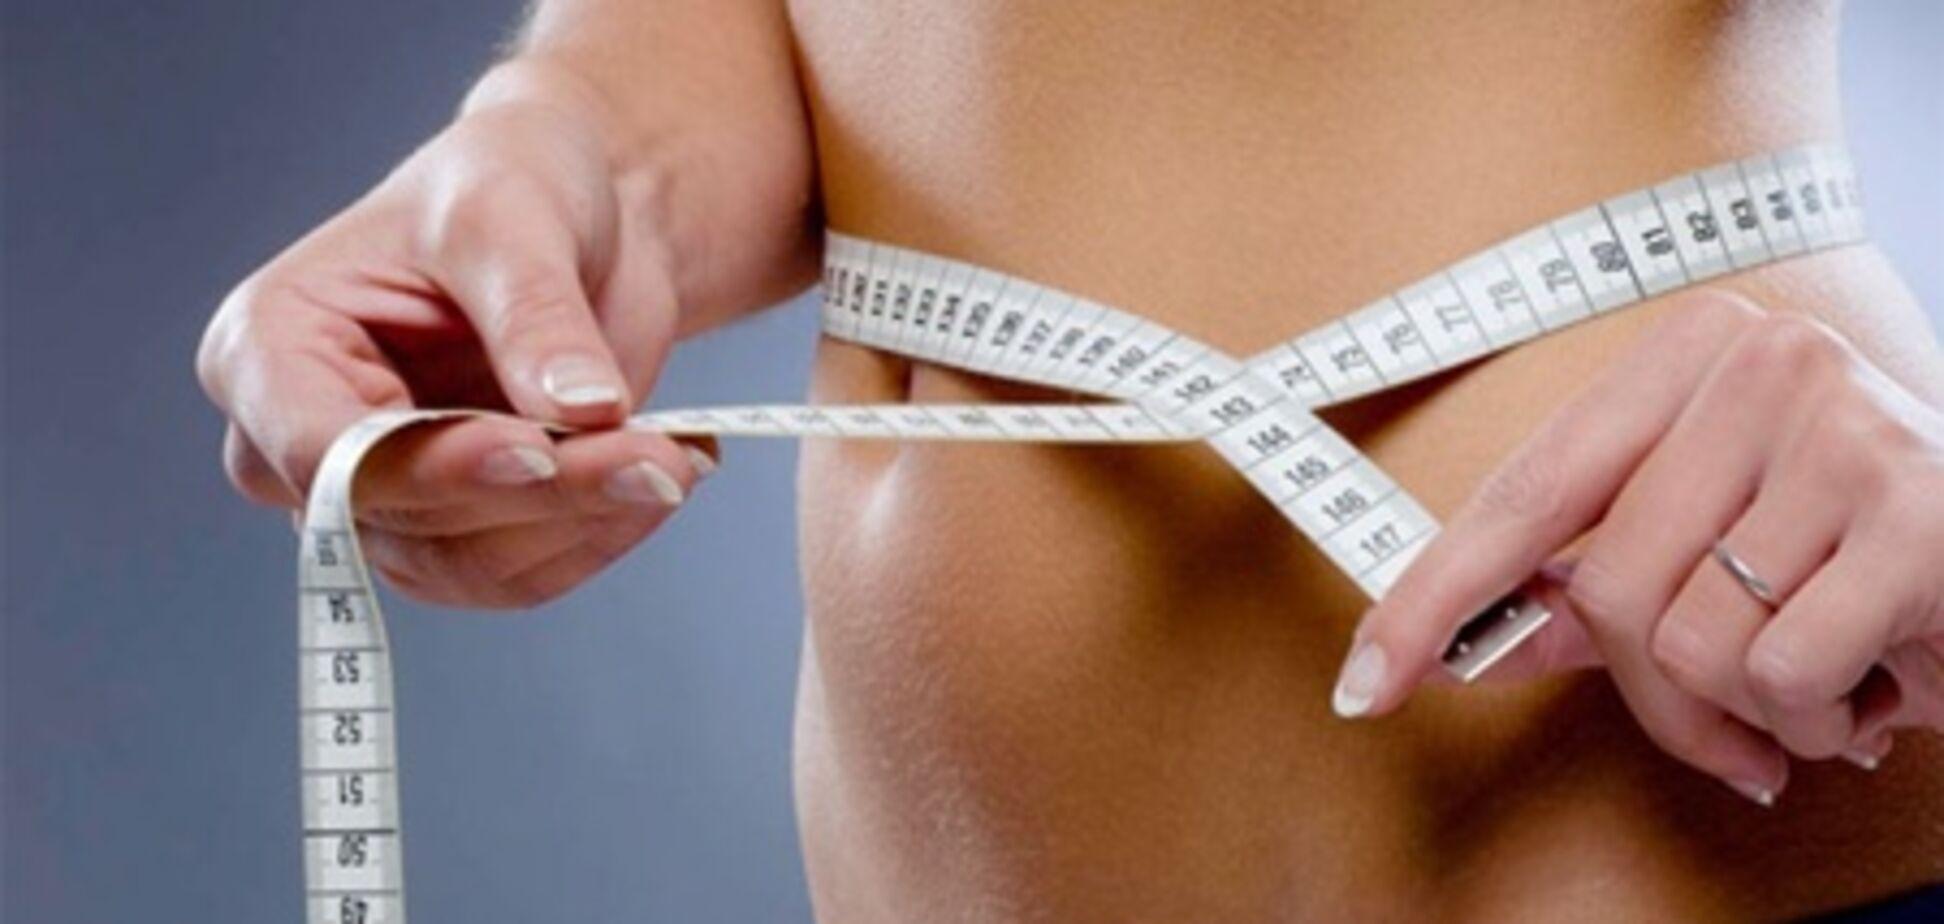 Хочешь похудеть – смотри хорошие новости